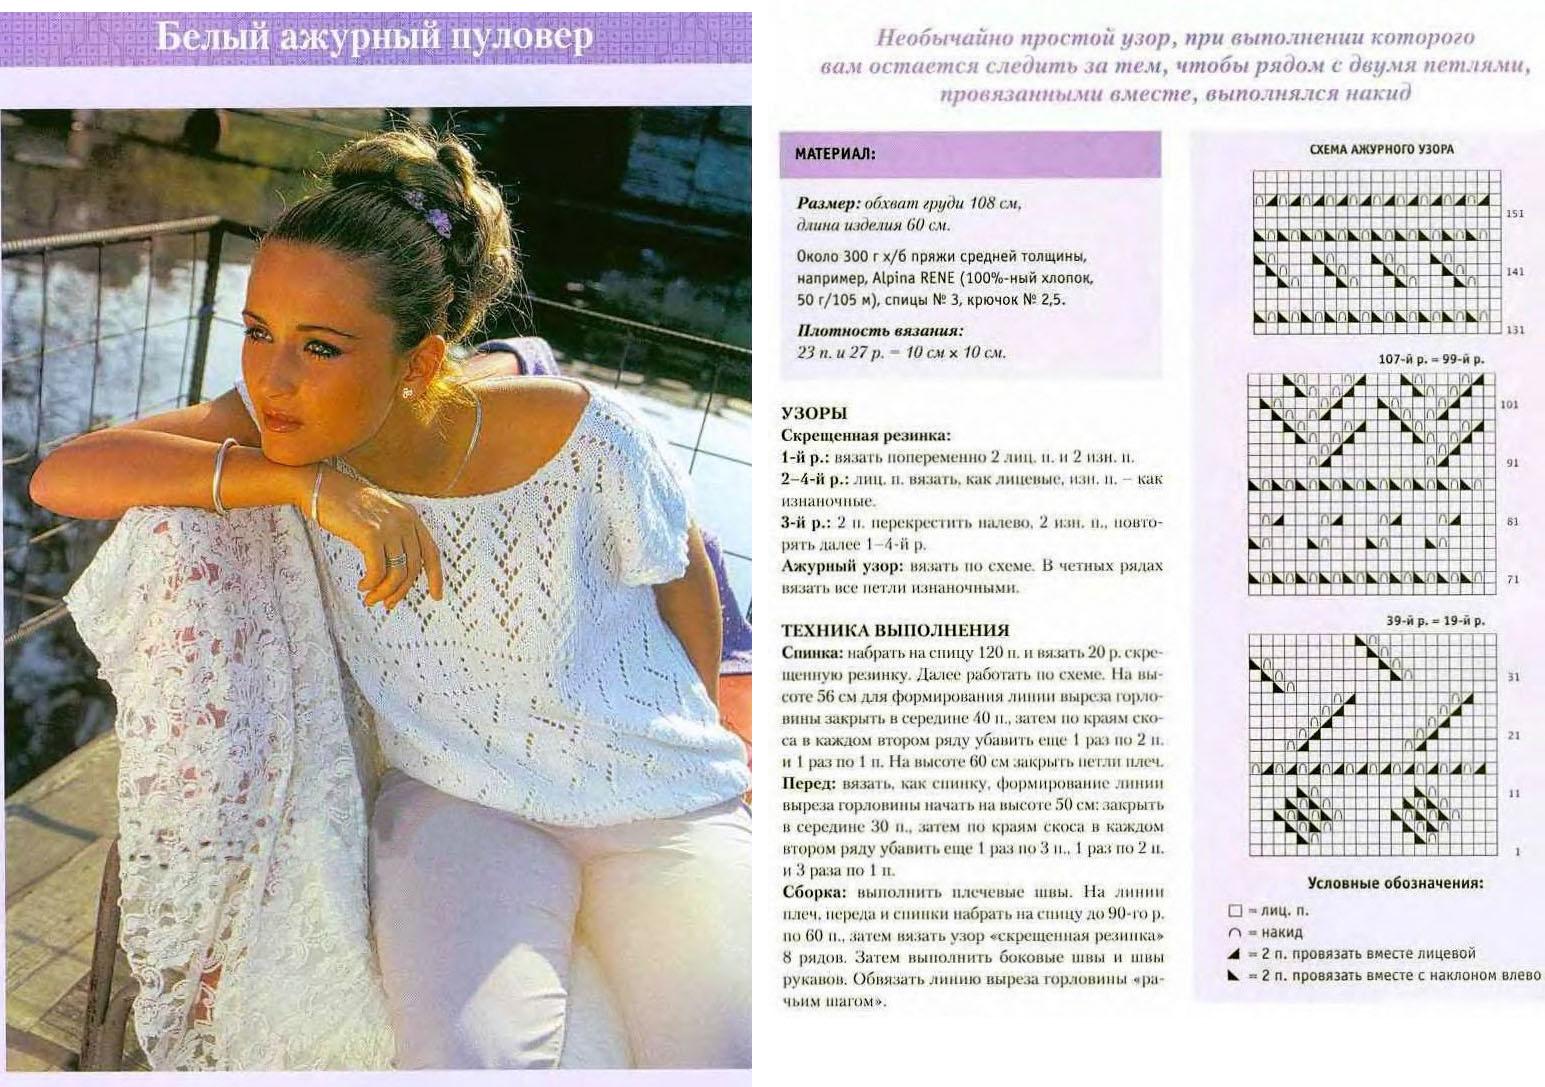 вязание летних кофточек спицами из хлопка со схемами 23 модели